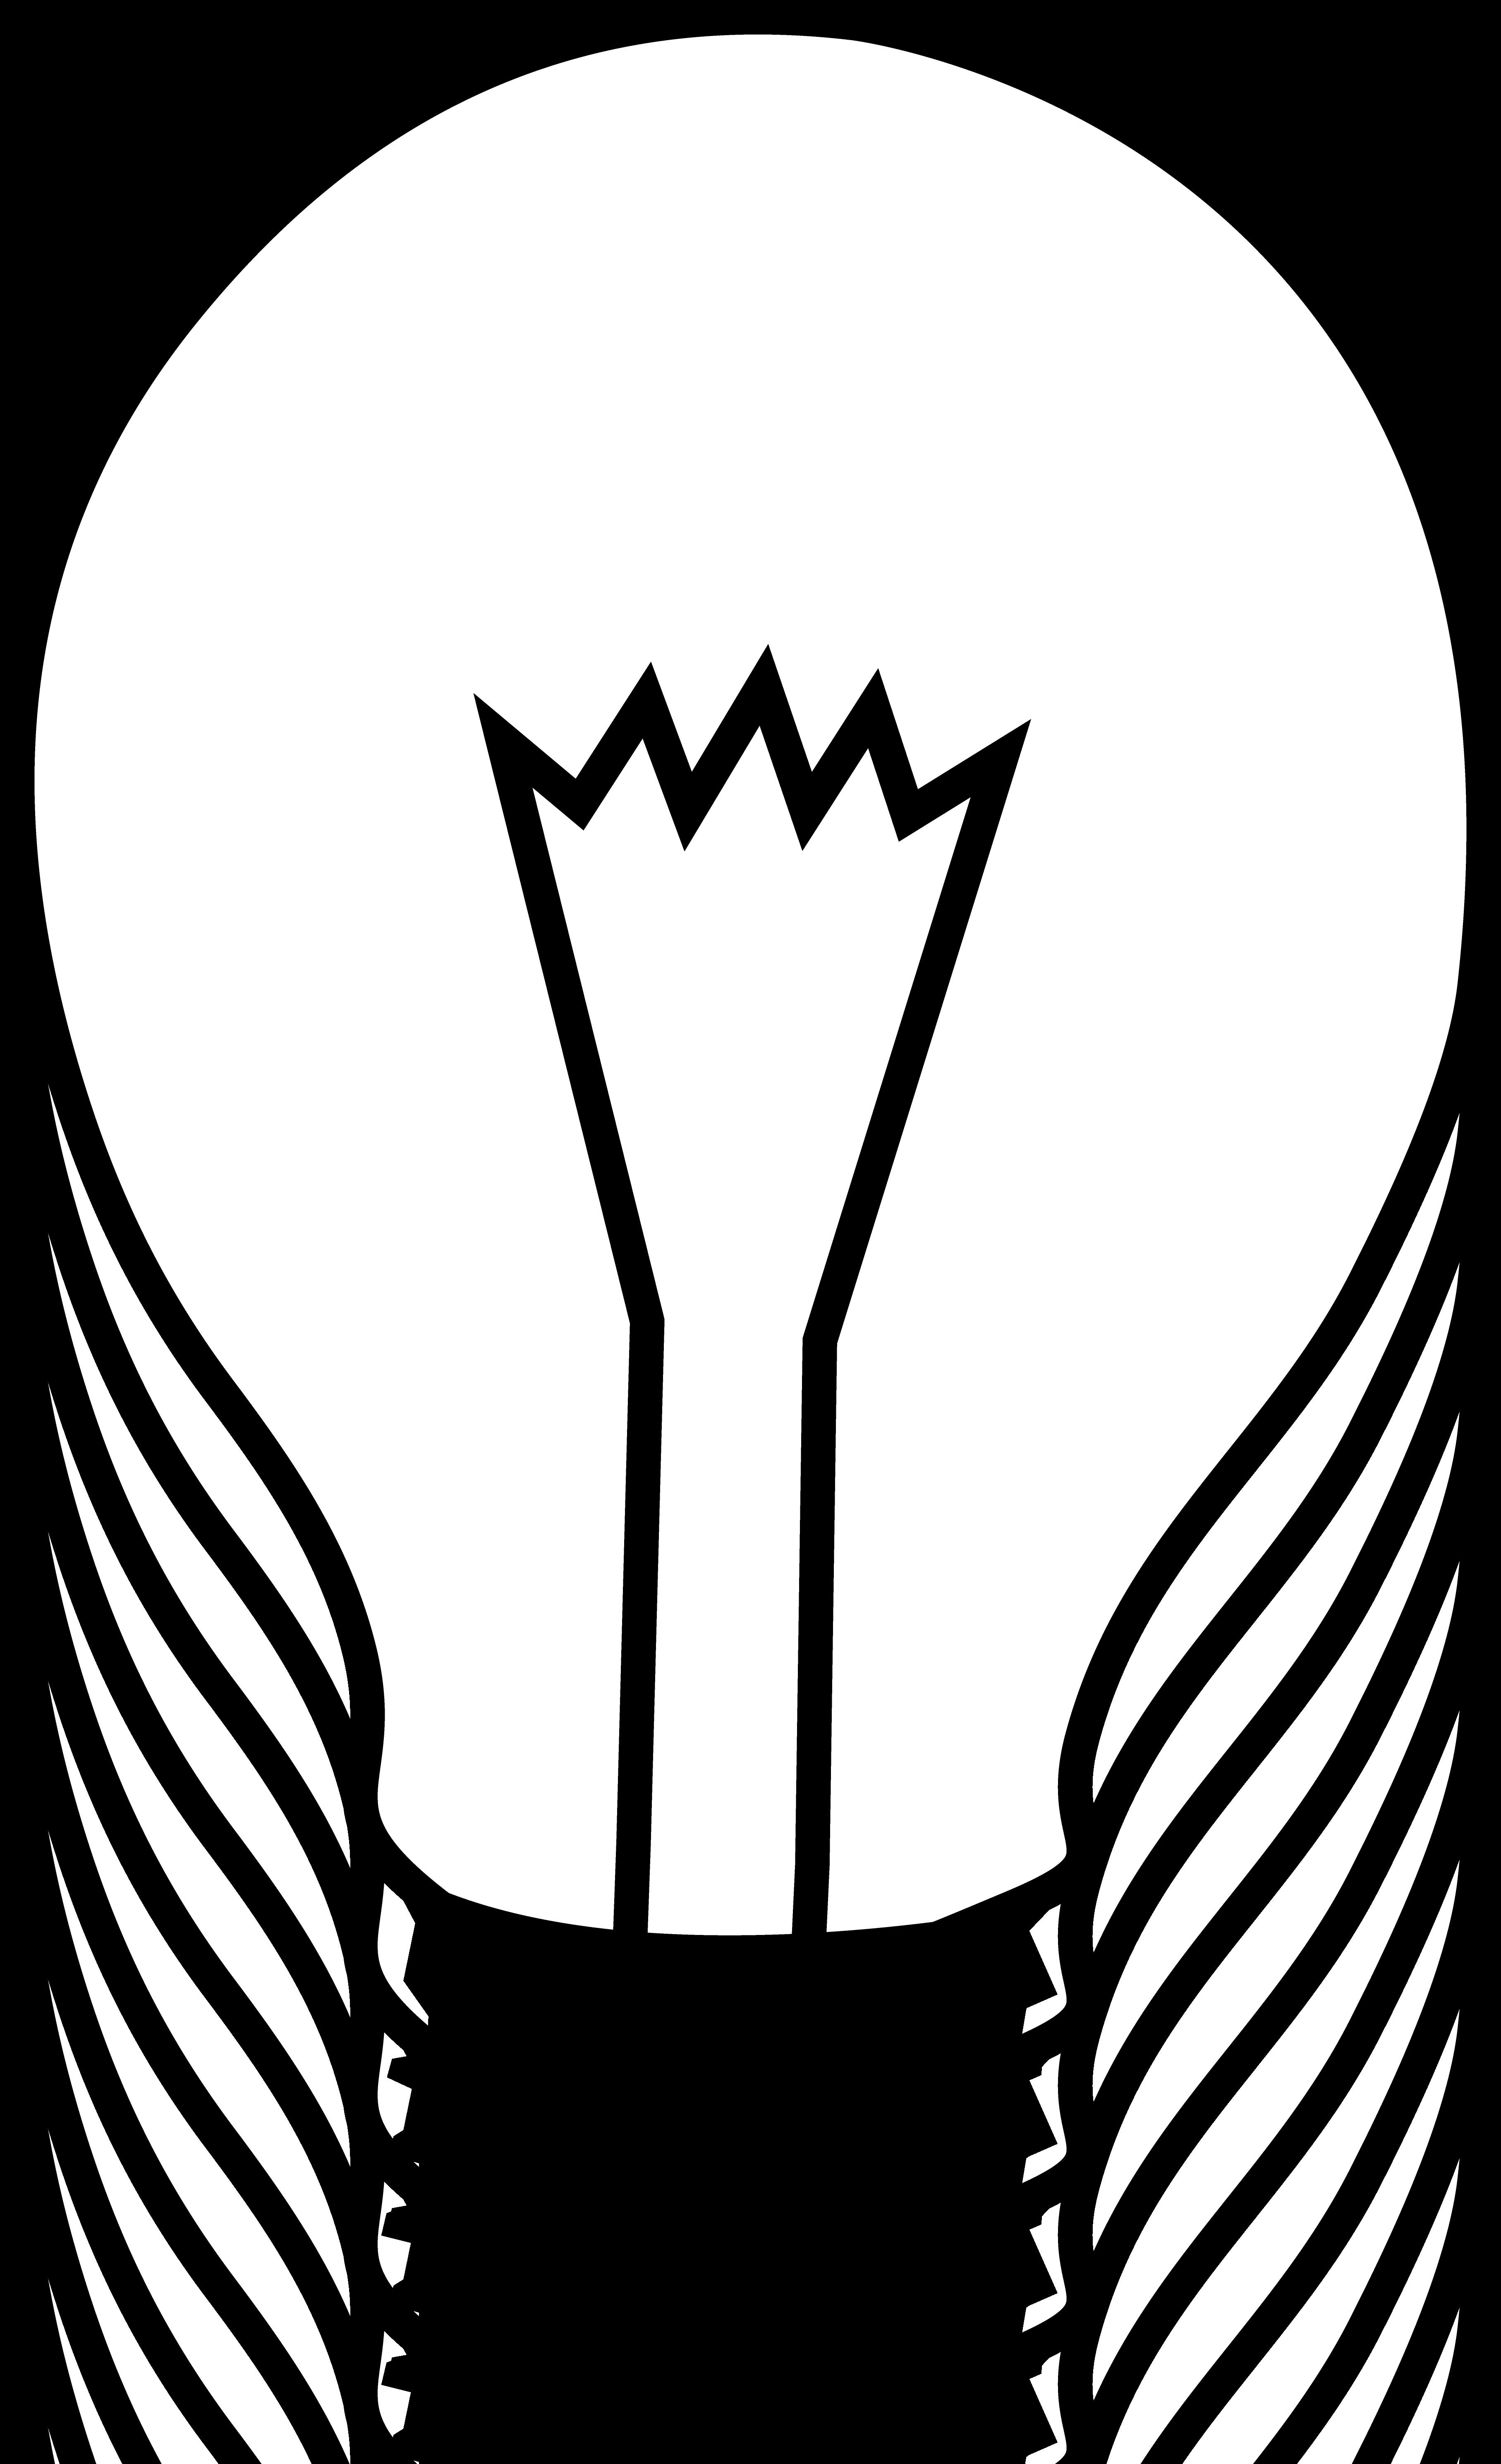 White lightbulb clipart image transparent library Light bulb lightbulb clipart free images 2 - ClipartPost image transparent library